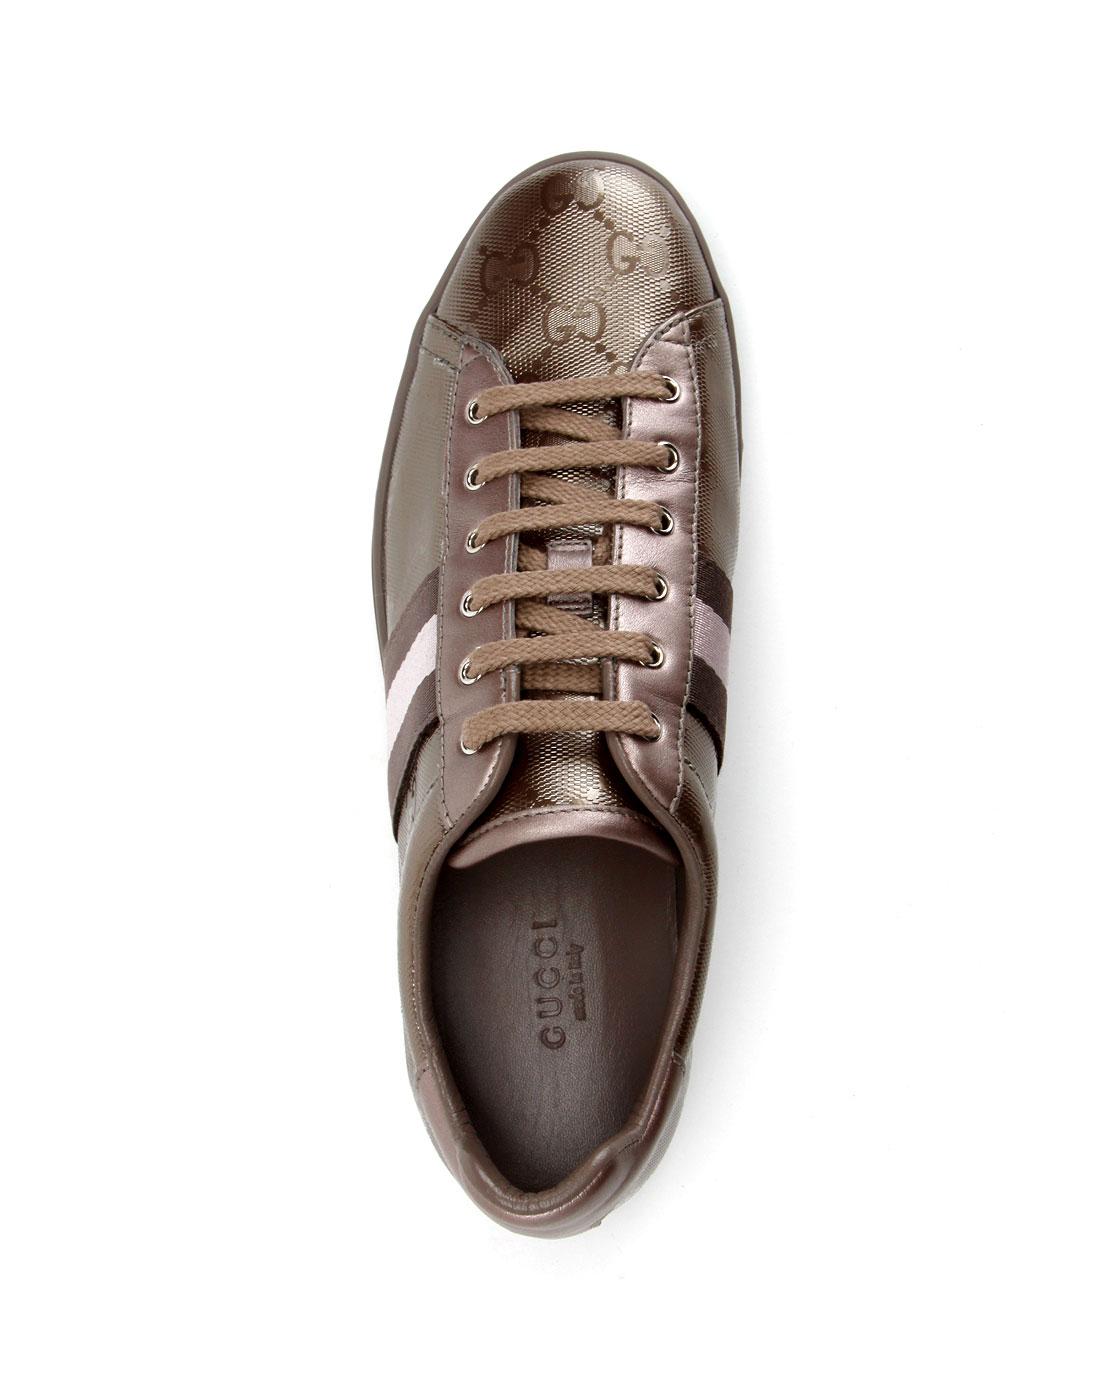 gucci鞋子专场女款粉紫色休闲鞋